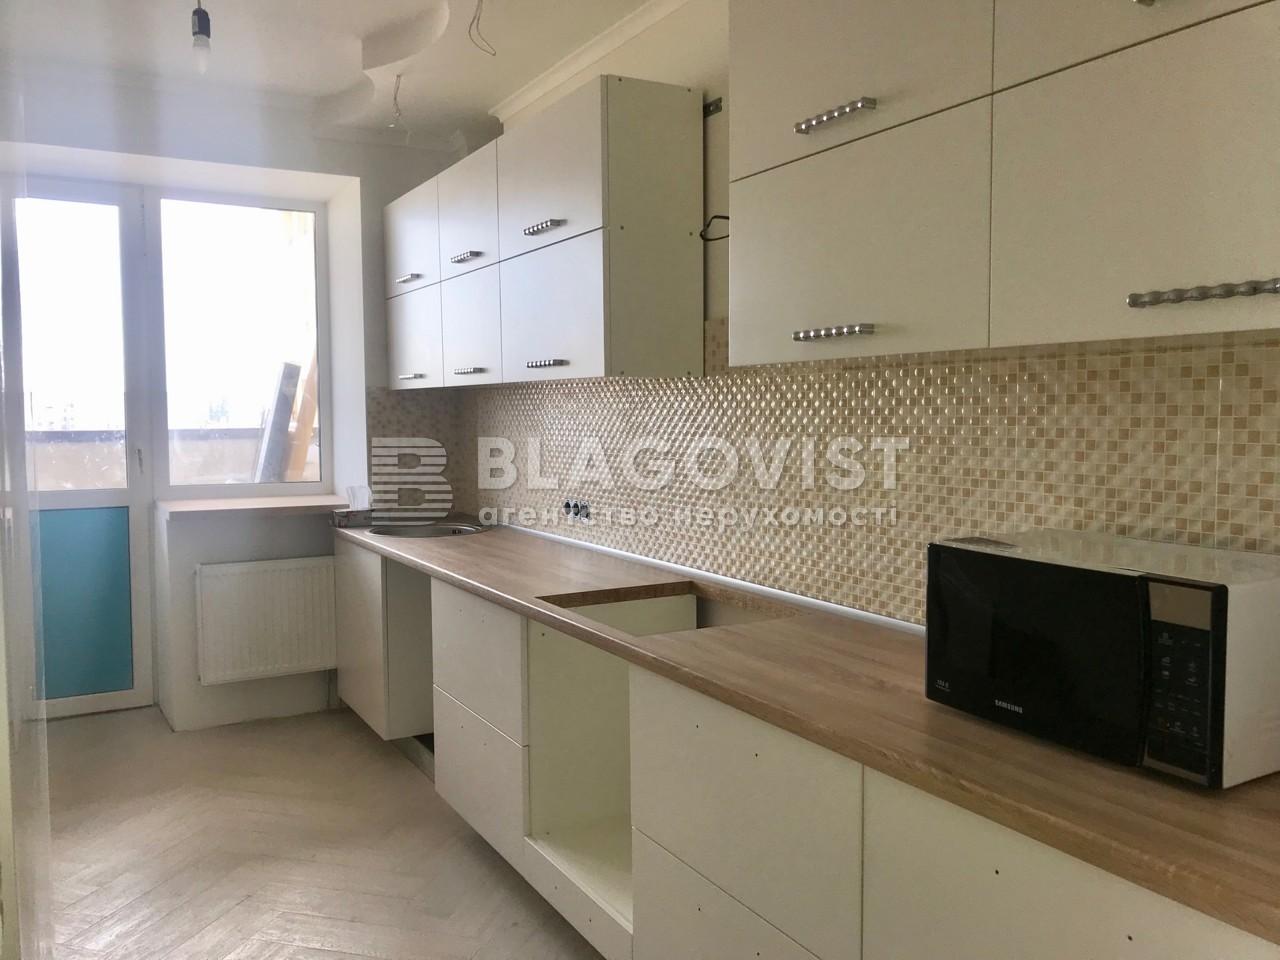 Квартира F-23980, Харченко Евгения (Ленина), 47б, Киев - Фото 9